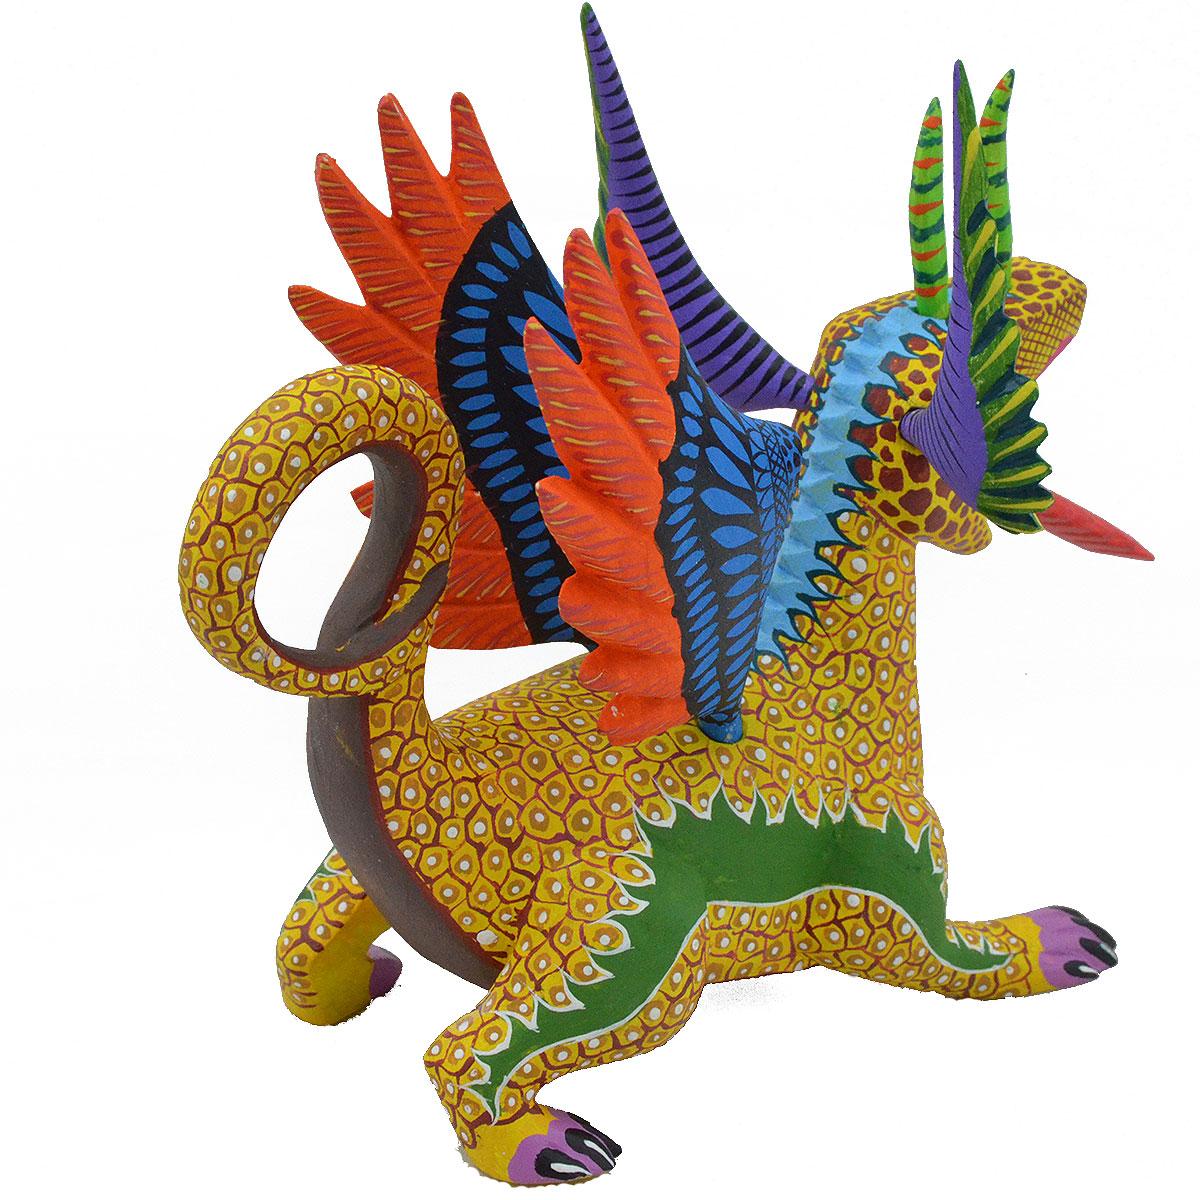 Castillo Family Medium Dragon Culturalart Org